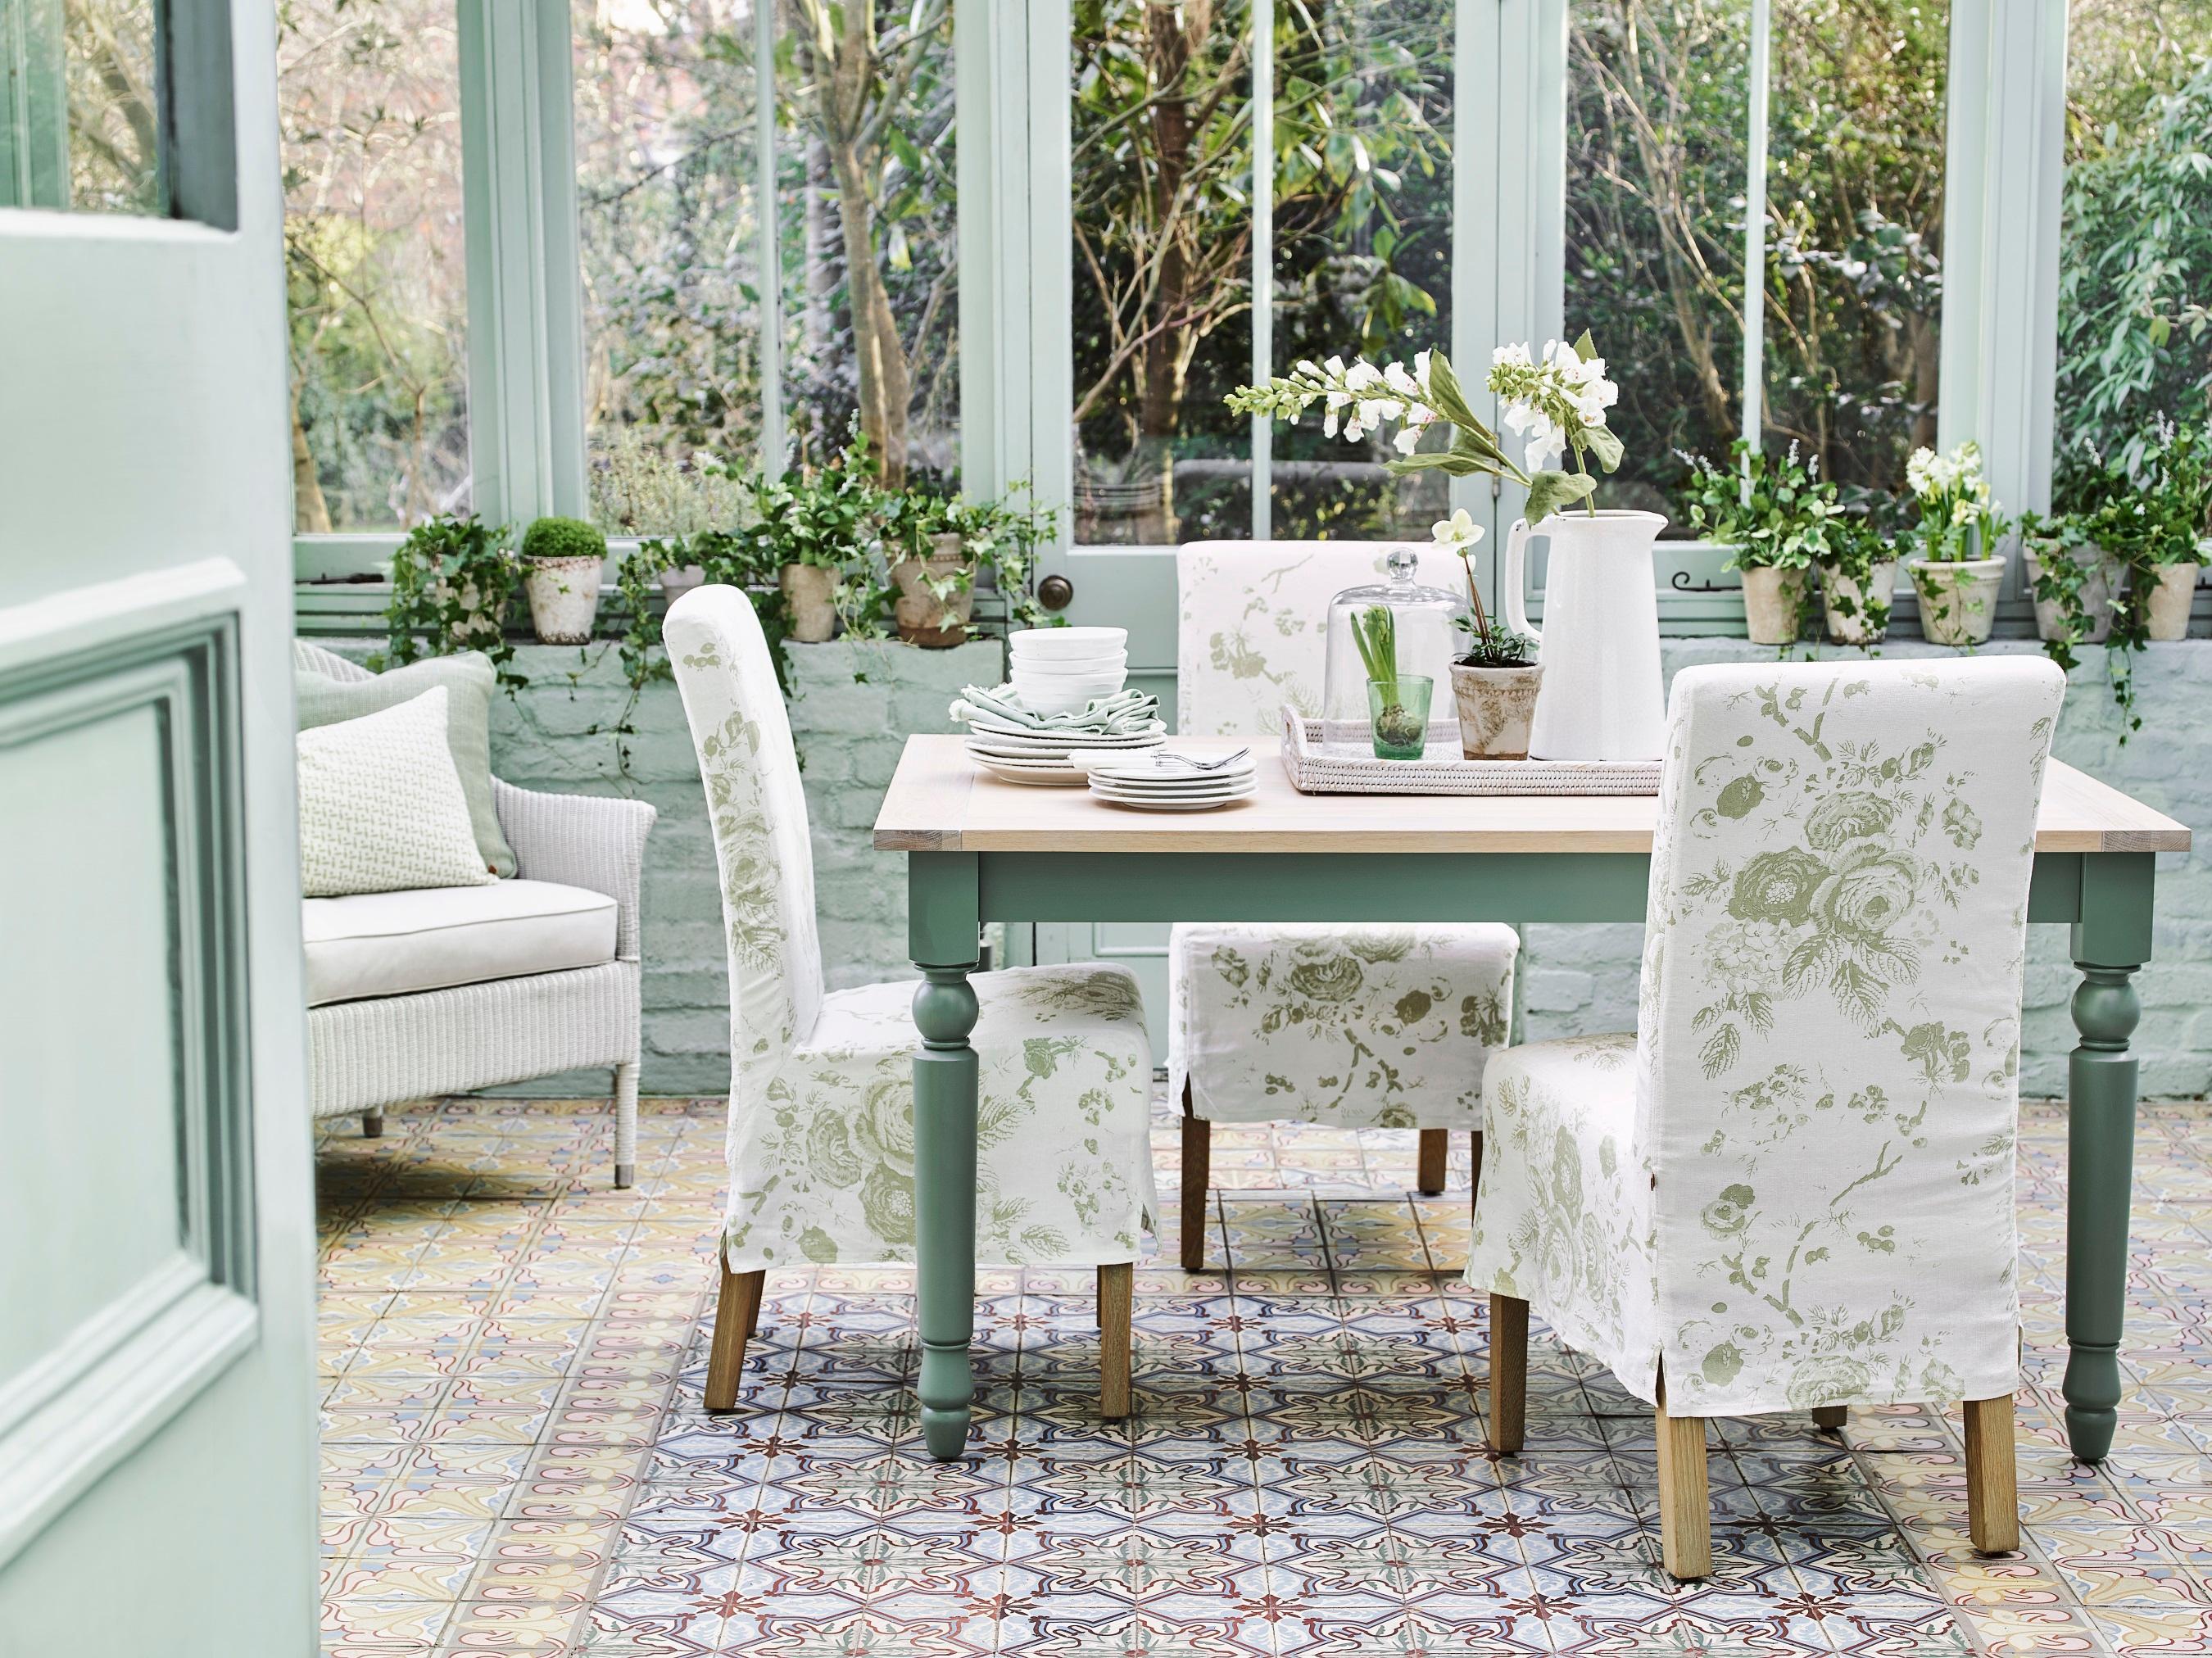 Wandfarbe in t rkis bilder ideen couchstyle - Landhausstil wandfarbe ...